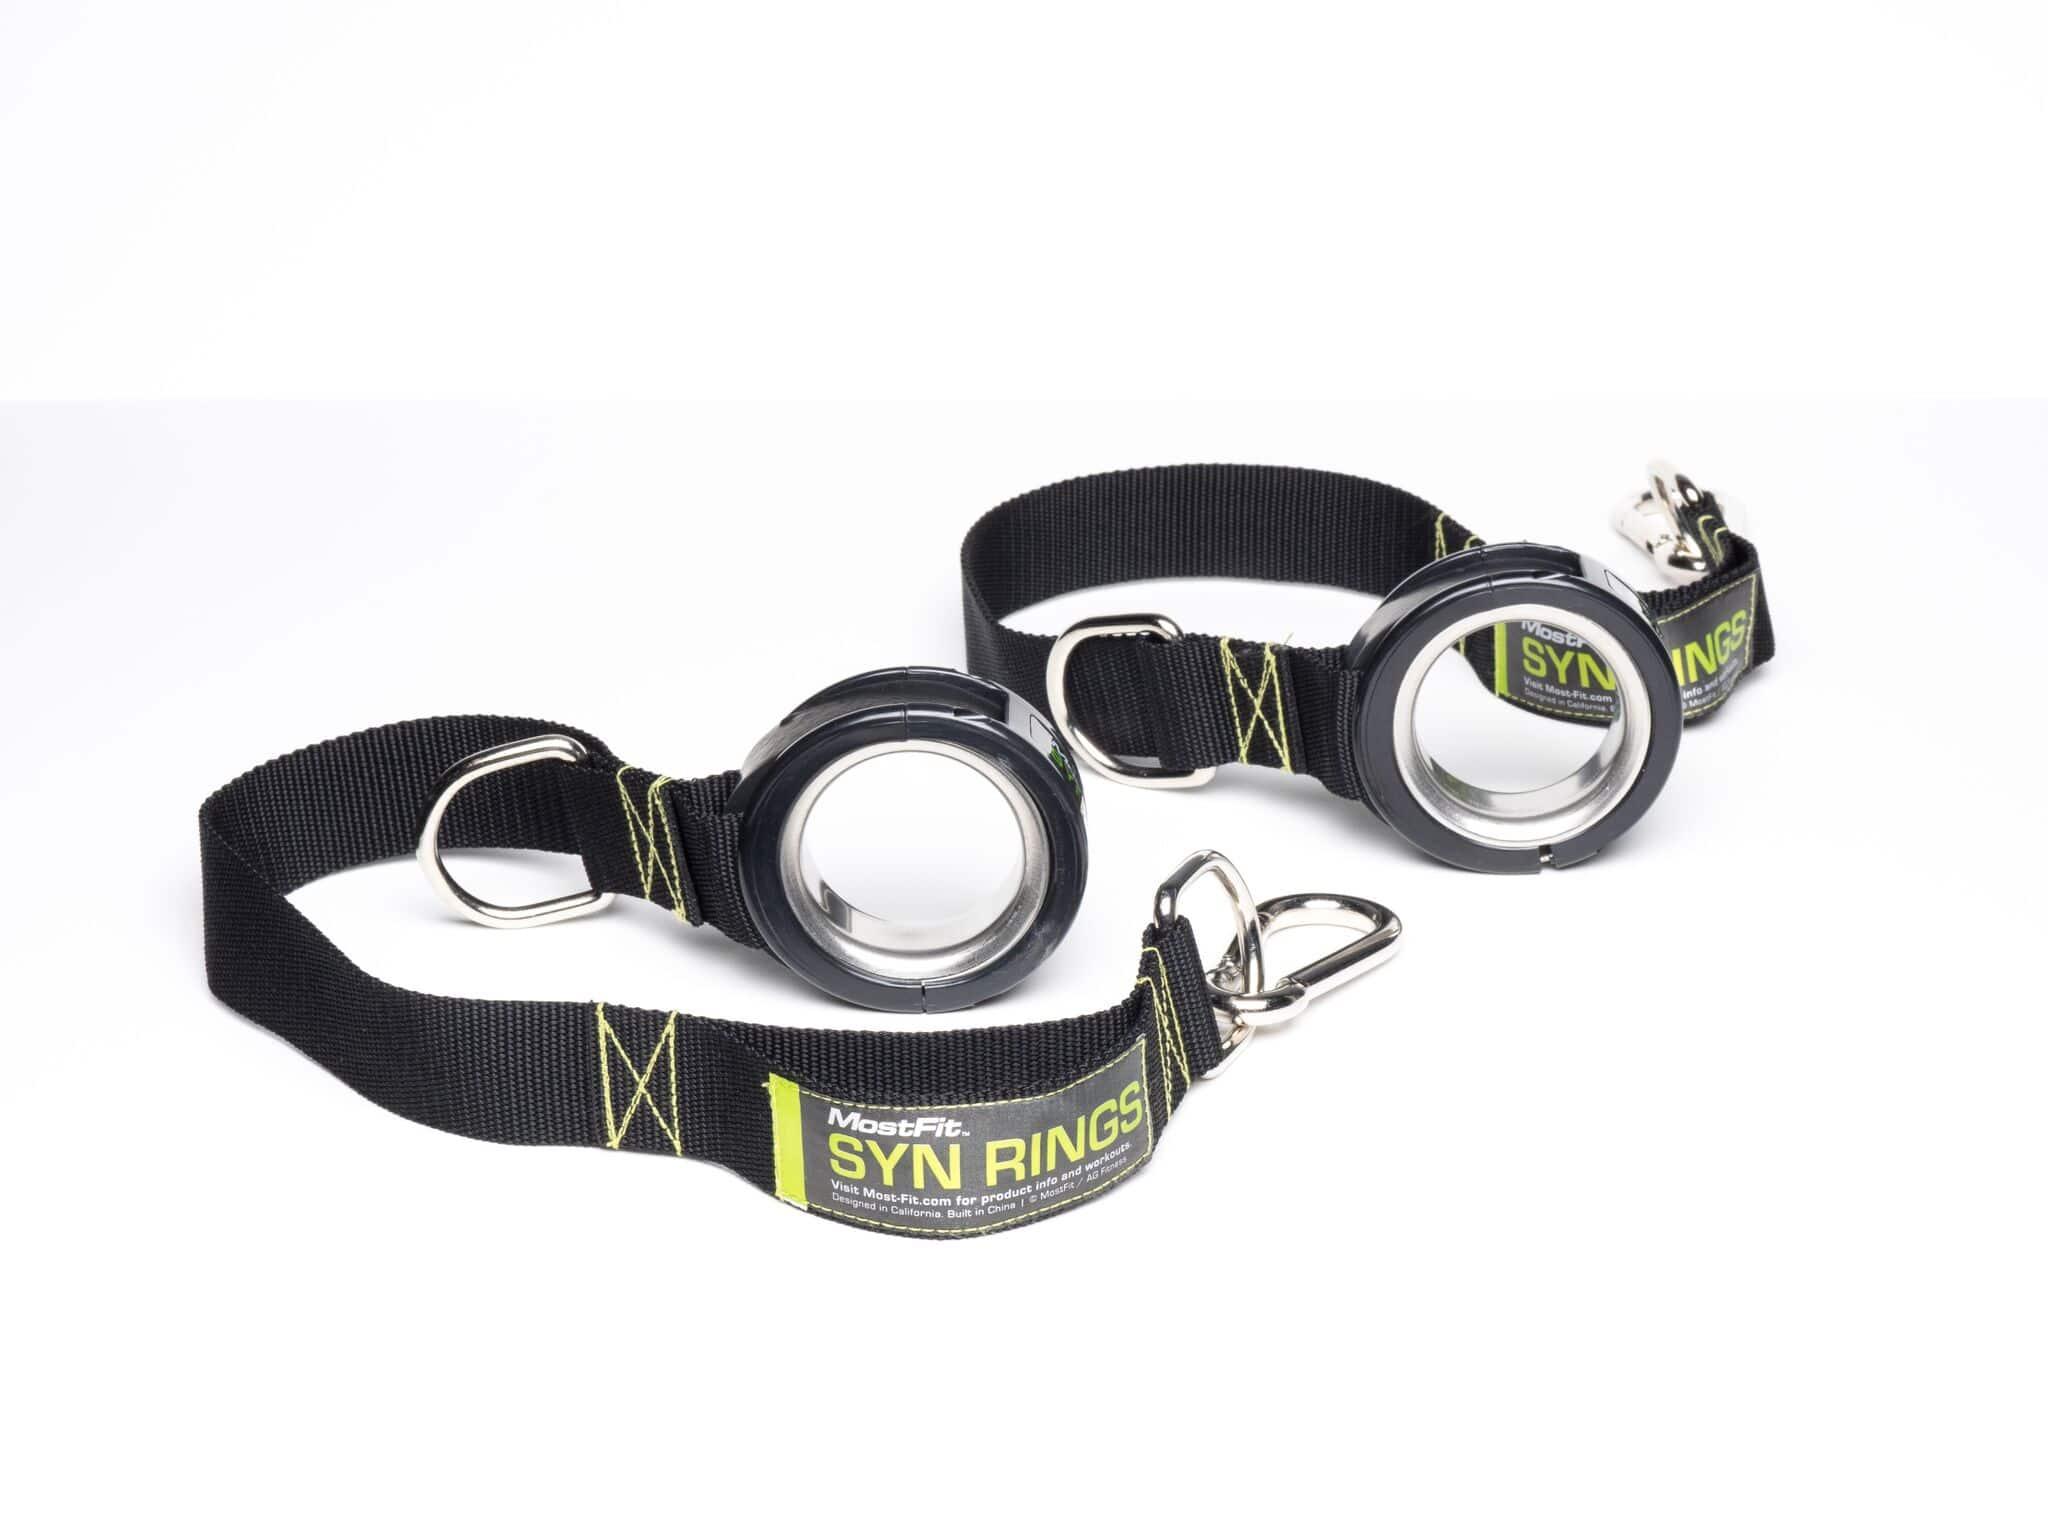 MF Rings